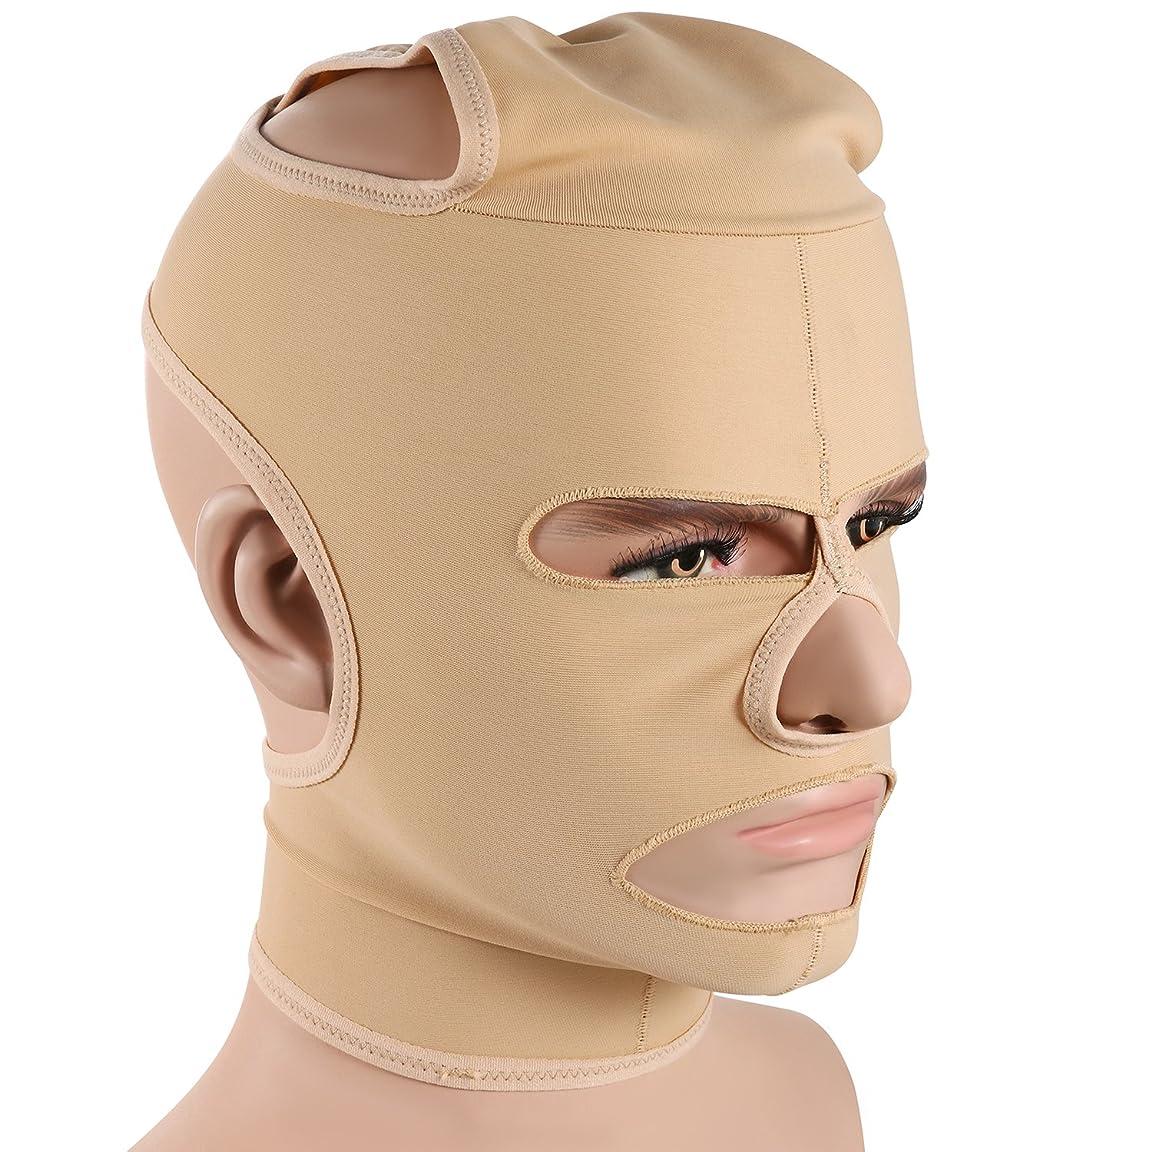 比較ピカソ町JewelryWe 小顔補正マスク 小顔ベルト 法令線予防 シワ防止 美顔 額、顎下、頬リフトアップ 男女兼用 Mサイズ